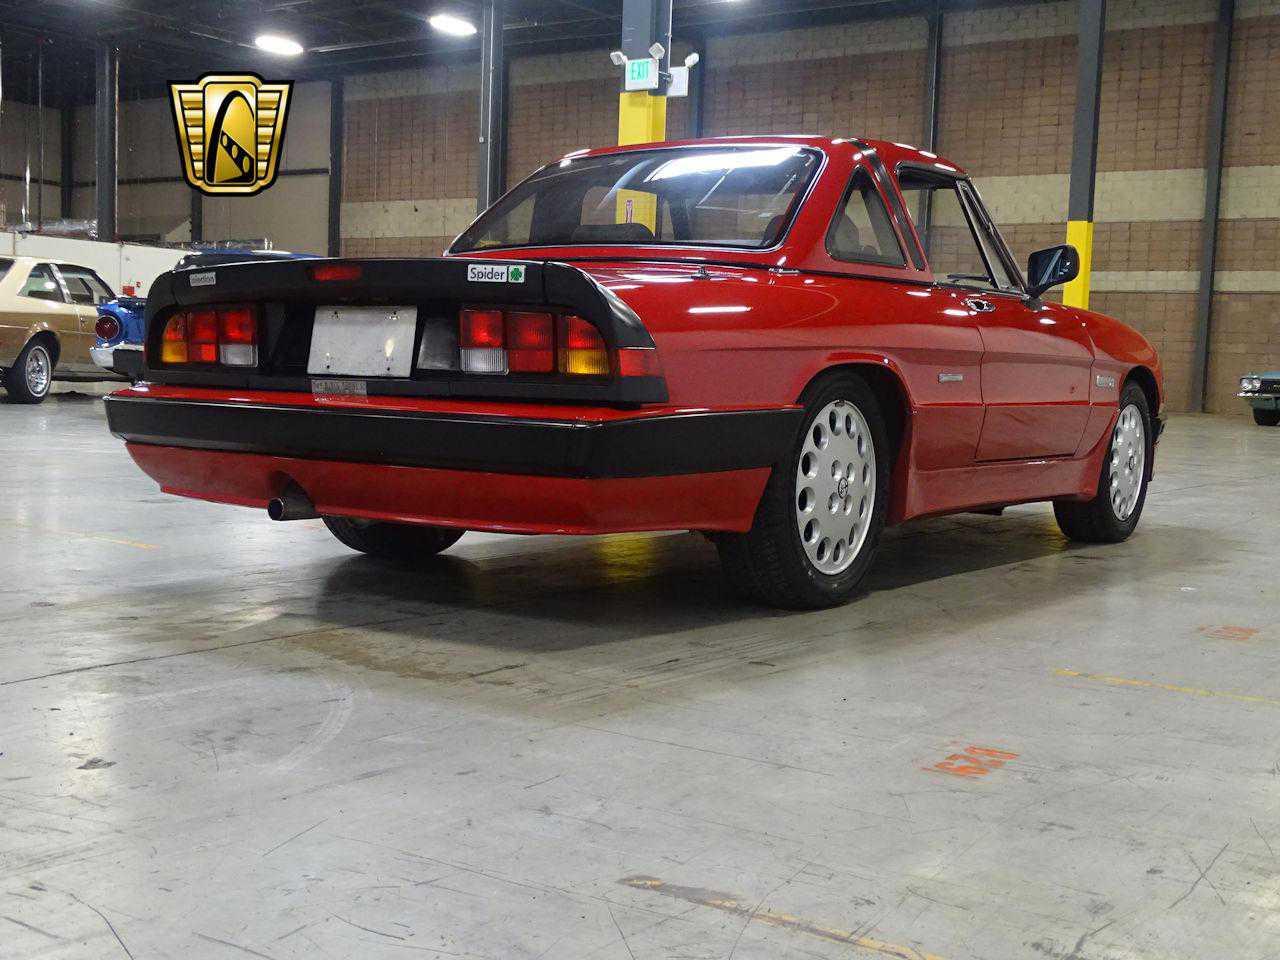 1989 Alfa Romeo Spider For Sale In West Deptford Nj Zarba5568k1064791 Prev